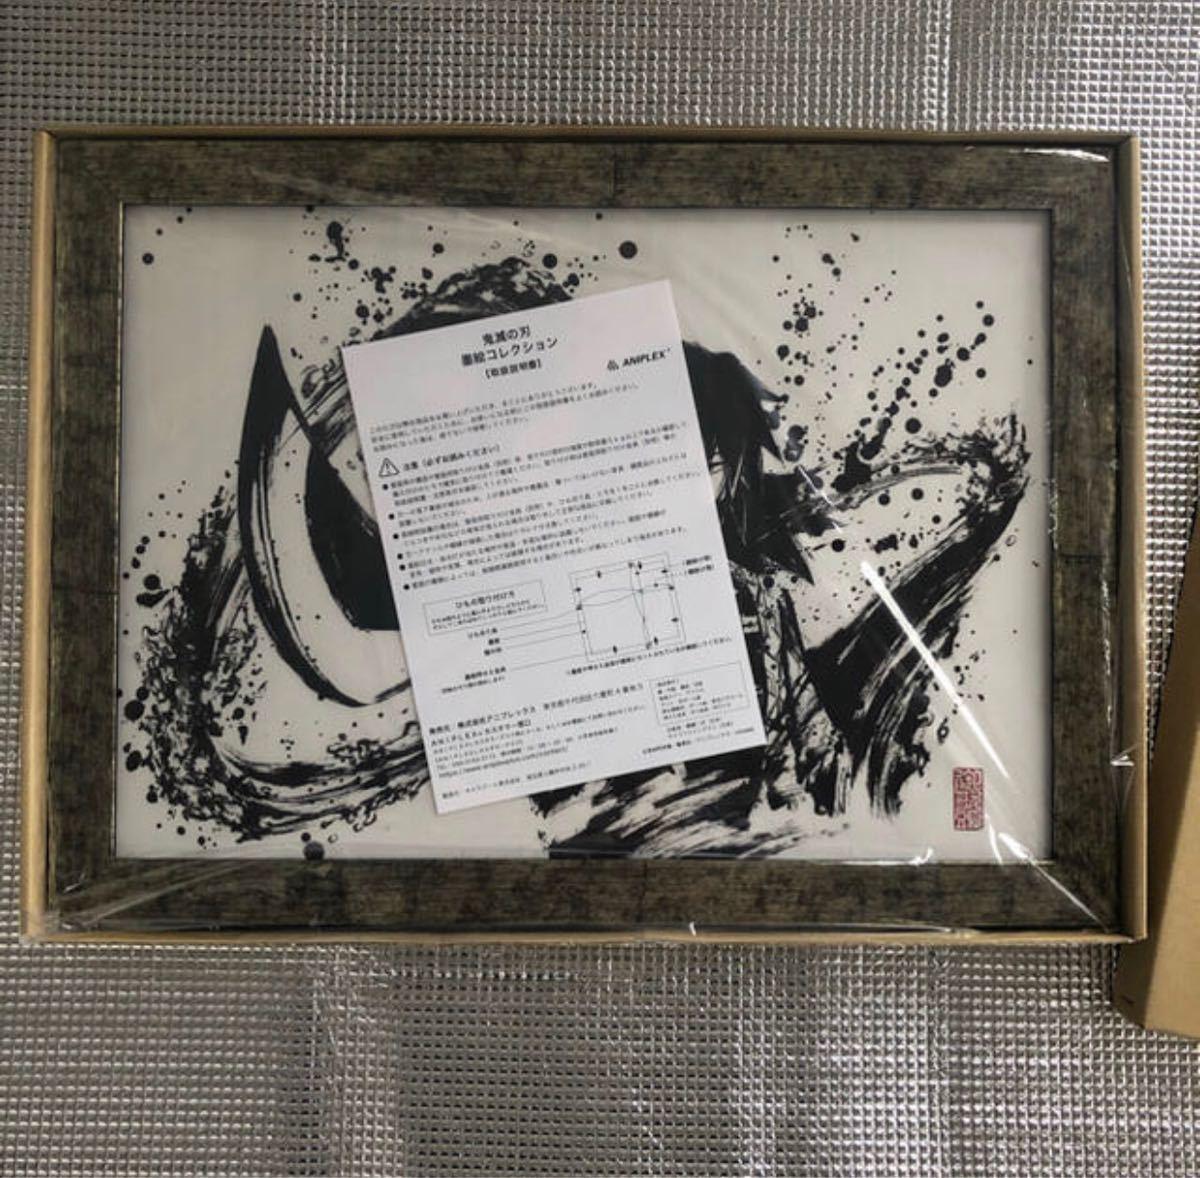 鬼滅の刃墨絵コレクション「冨岡義勇」